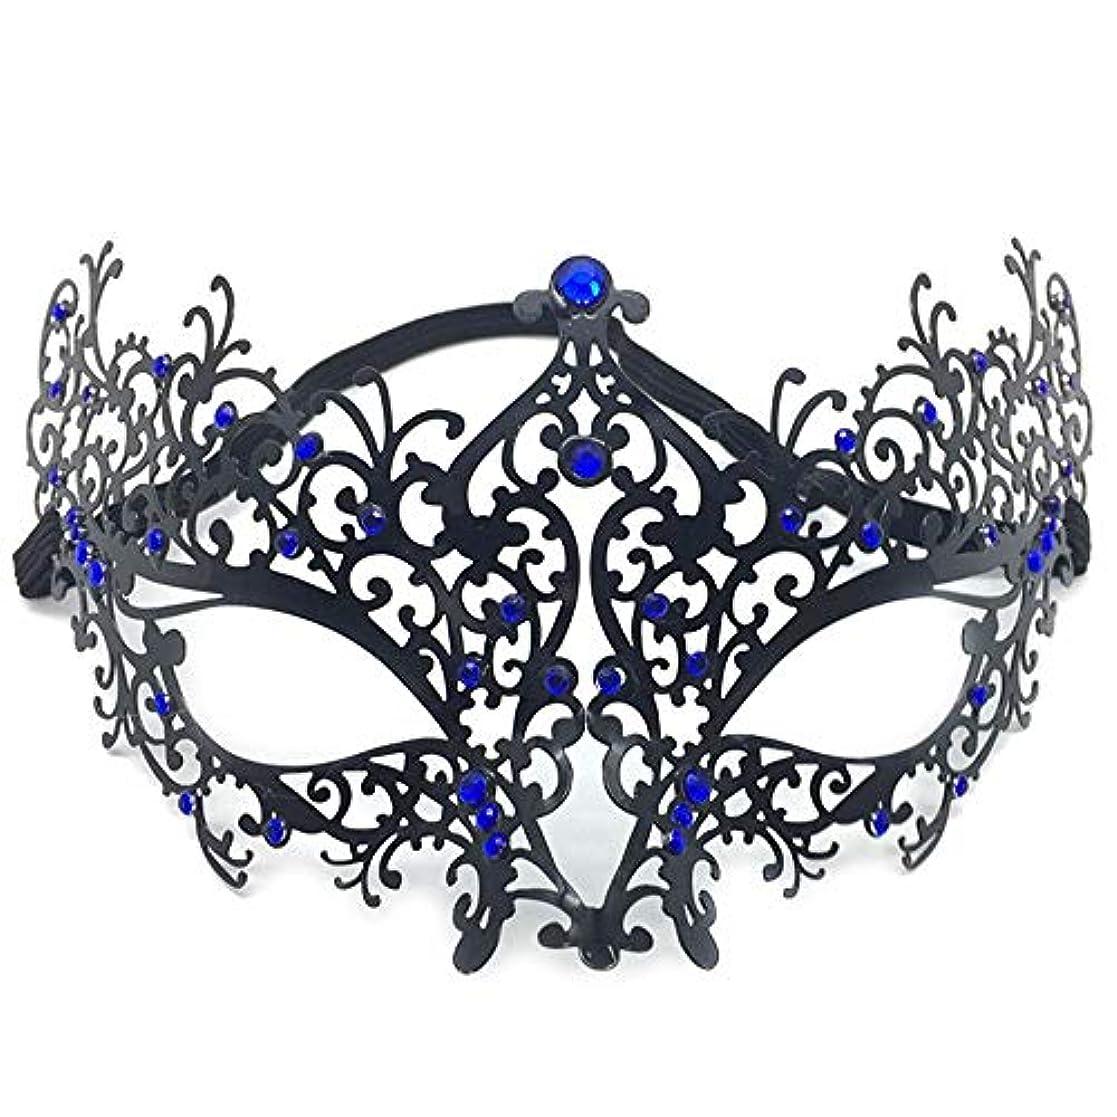 カカドゥエネルギー学校教育ハロウィーンマスク仮装アイアンマスクパーティードレスアップメタルダイヤモンドハーフフェイスマスク (Color : WHITE)